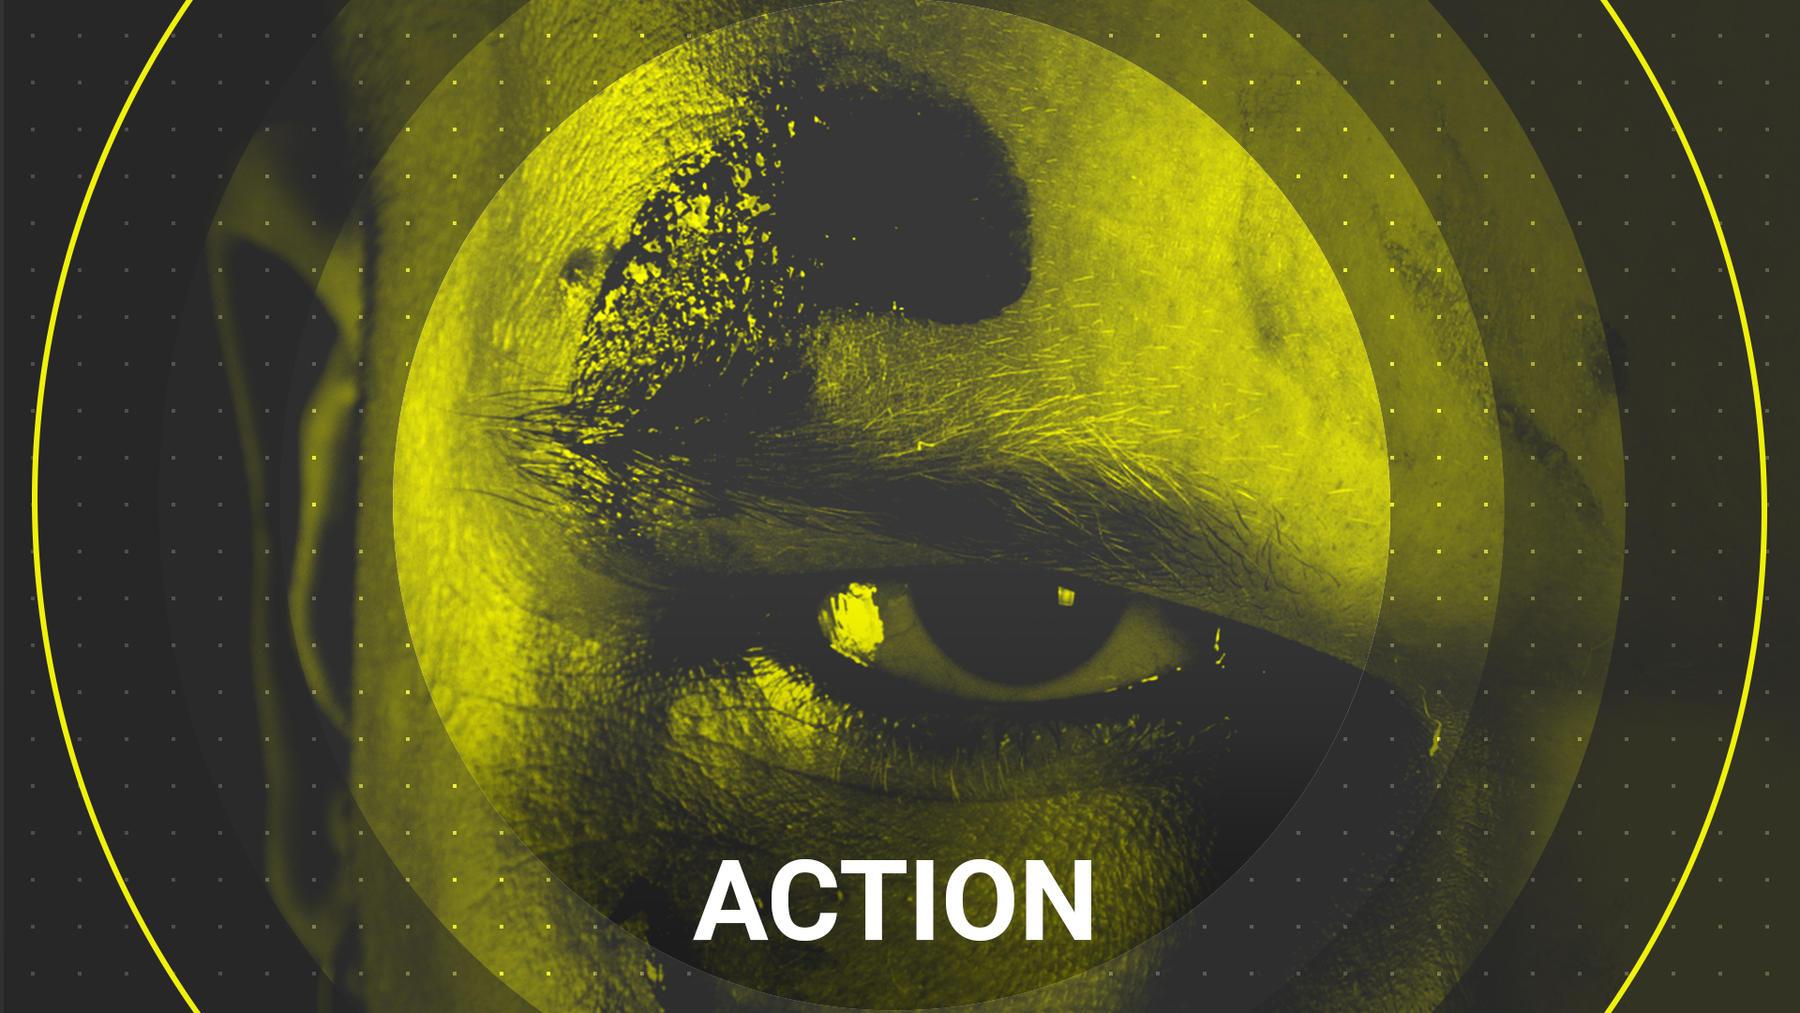 Zu weiterer Action